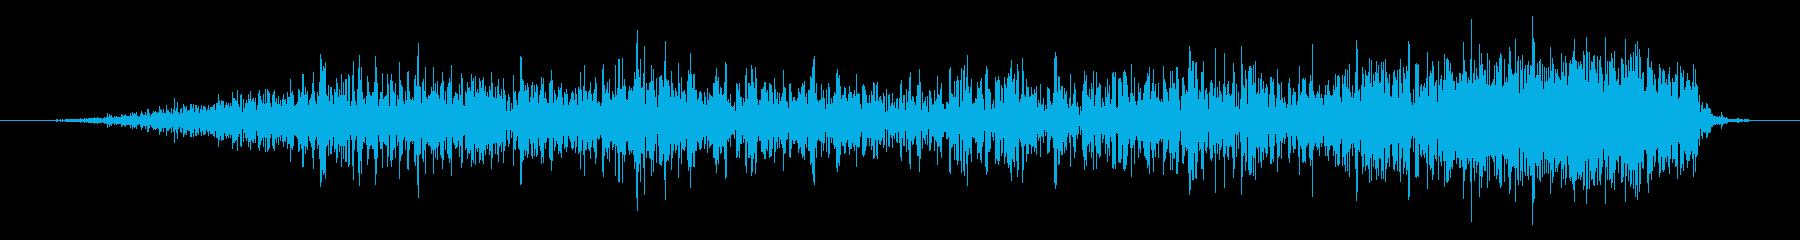 ショートローリングランブルの再生済みの波形